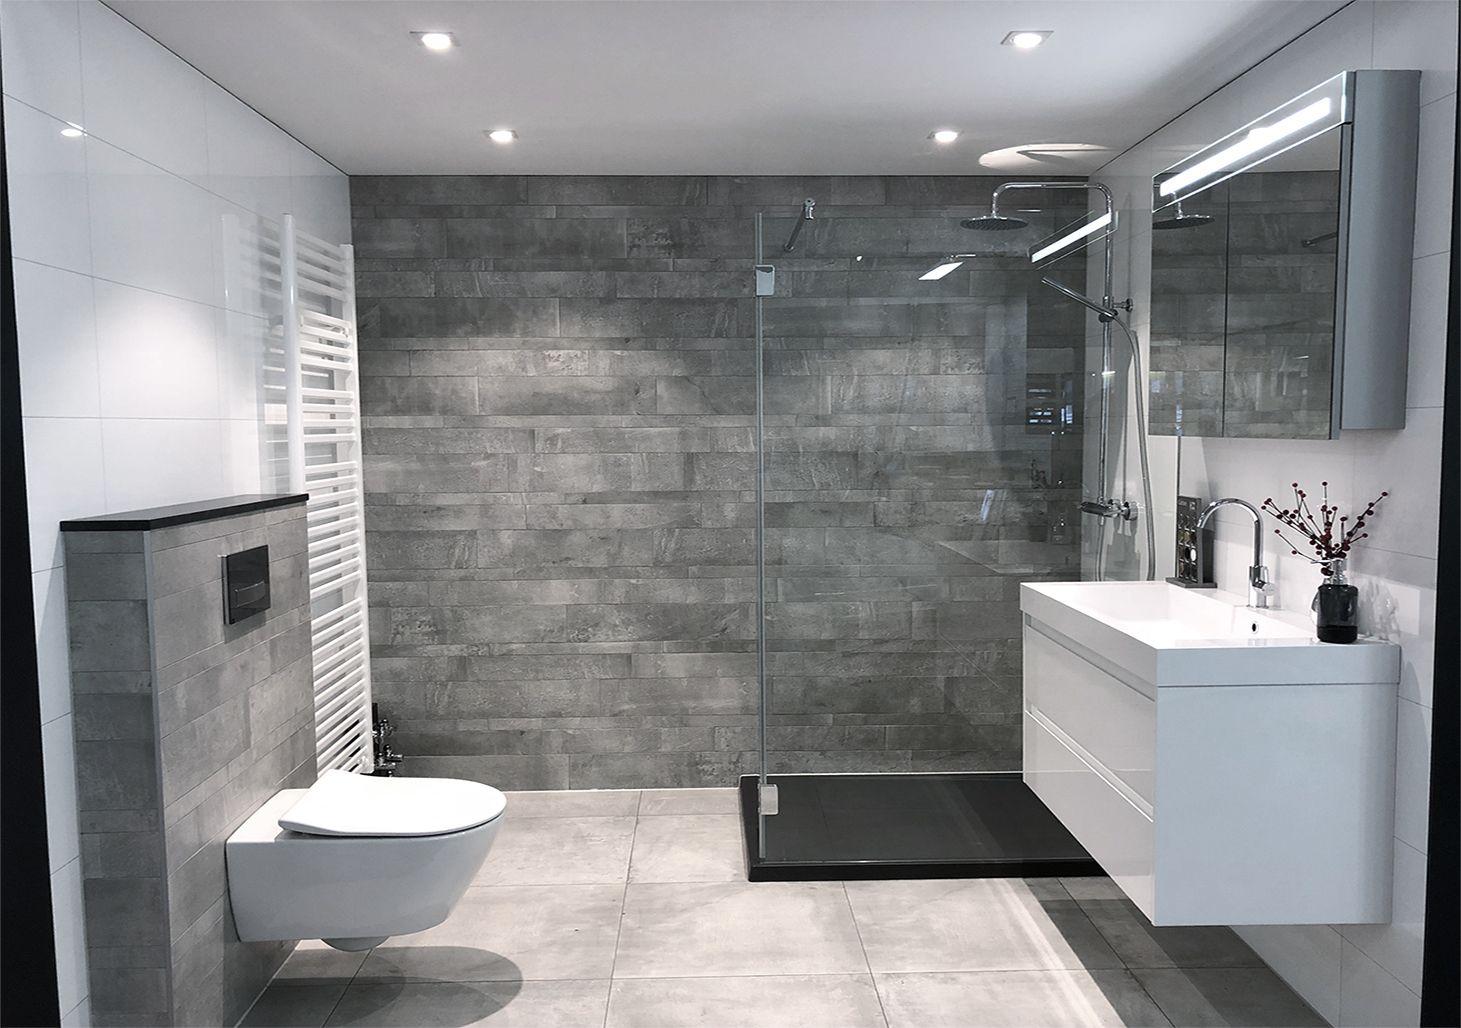 Moderne betonlook badkamer - Tegeloutlet Zaandam | badkamer ...